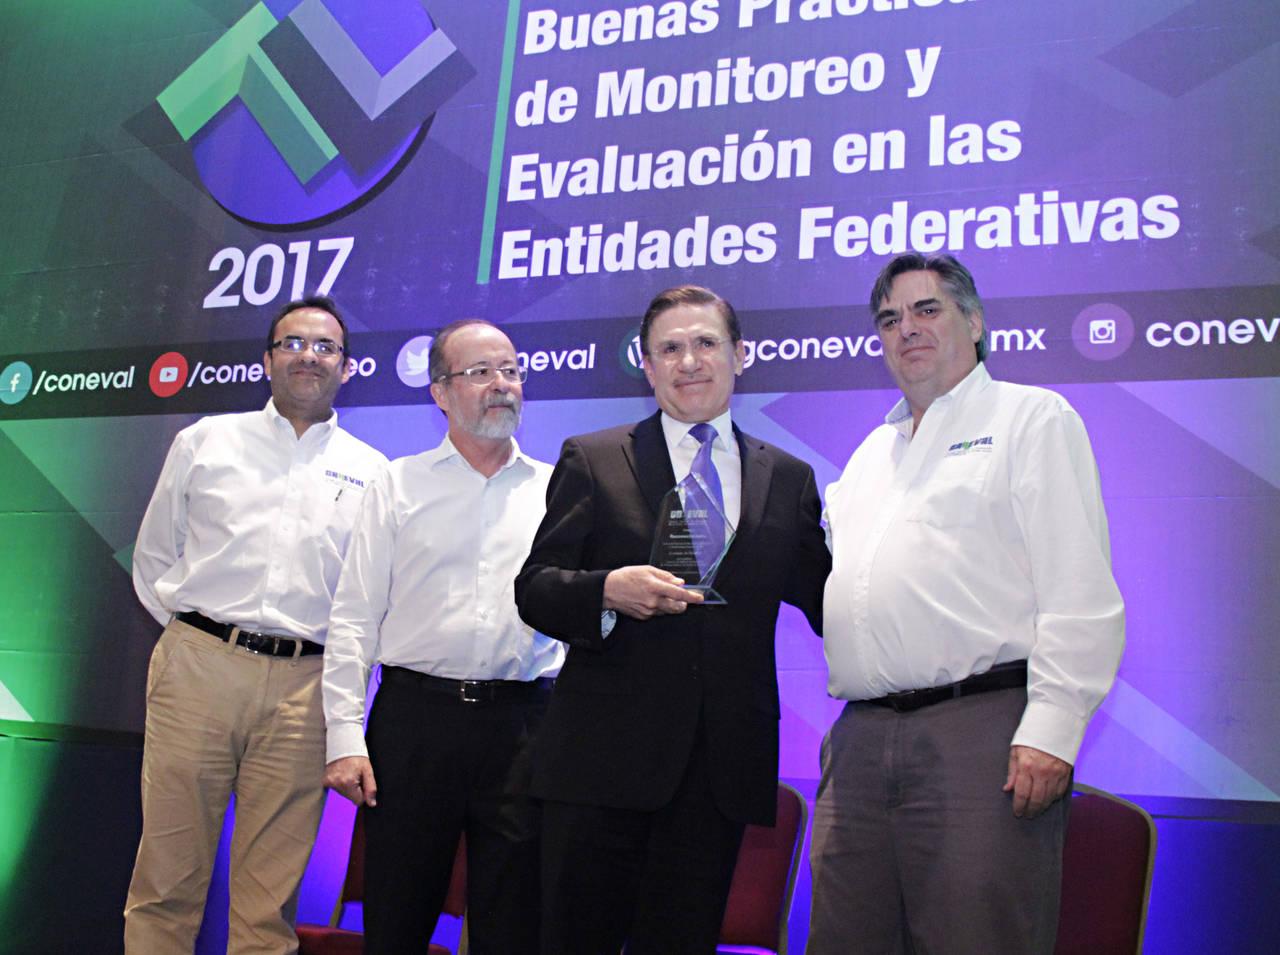 Durango entre mejores evaluados por Coneval